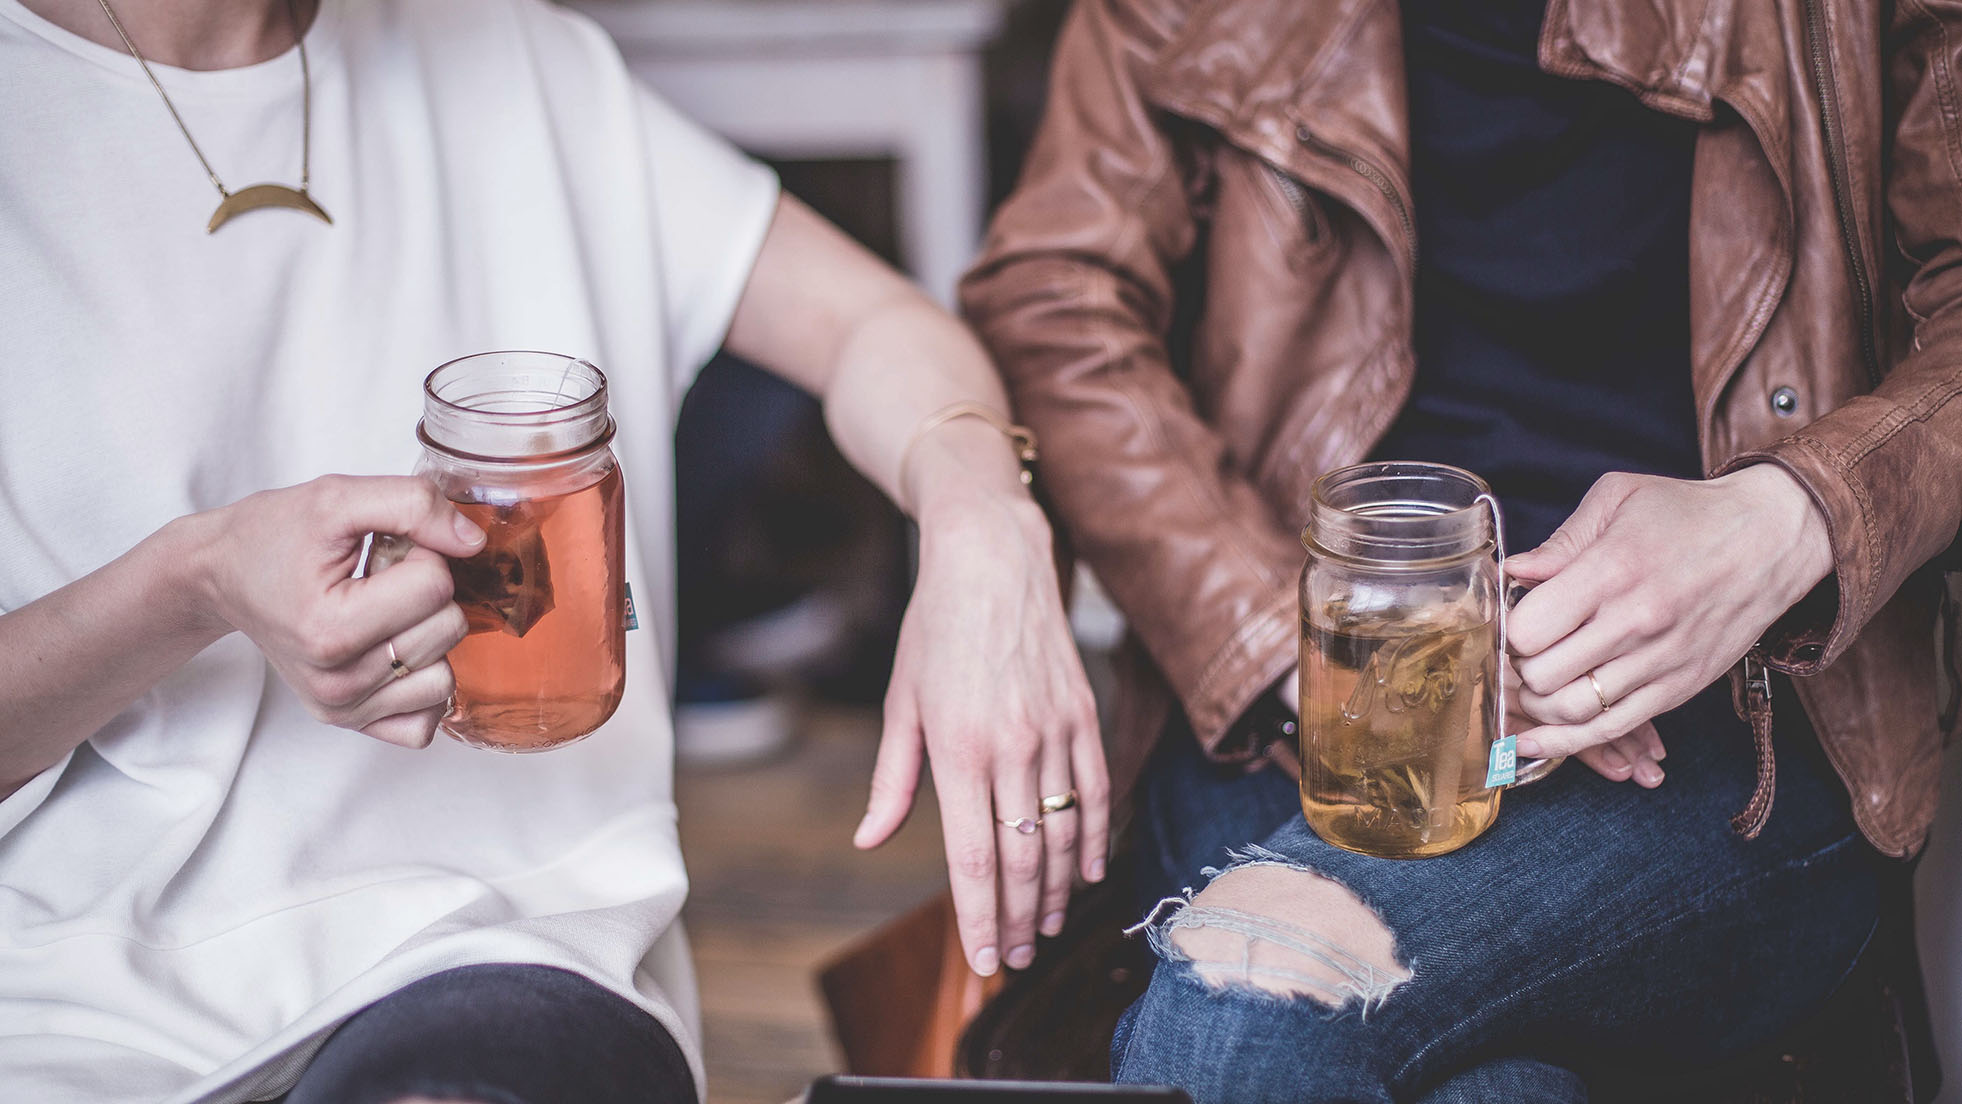 In Defense of Small Talk